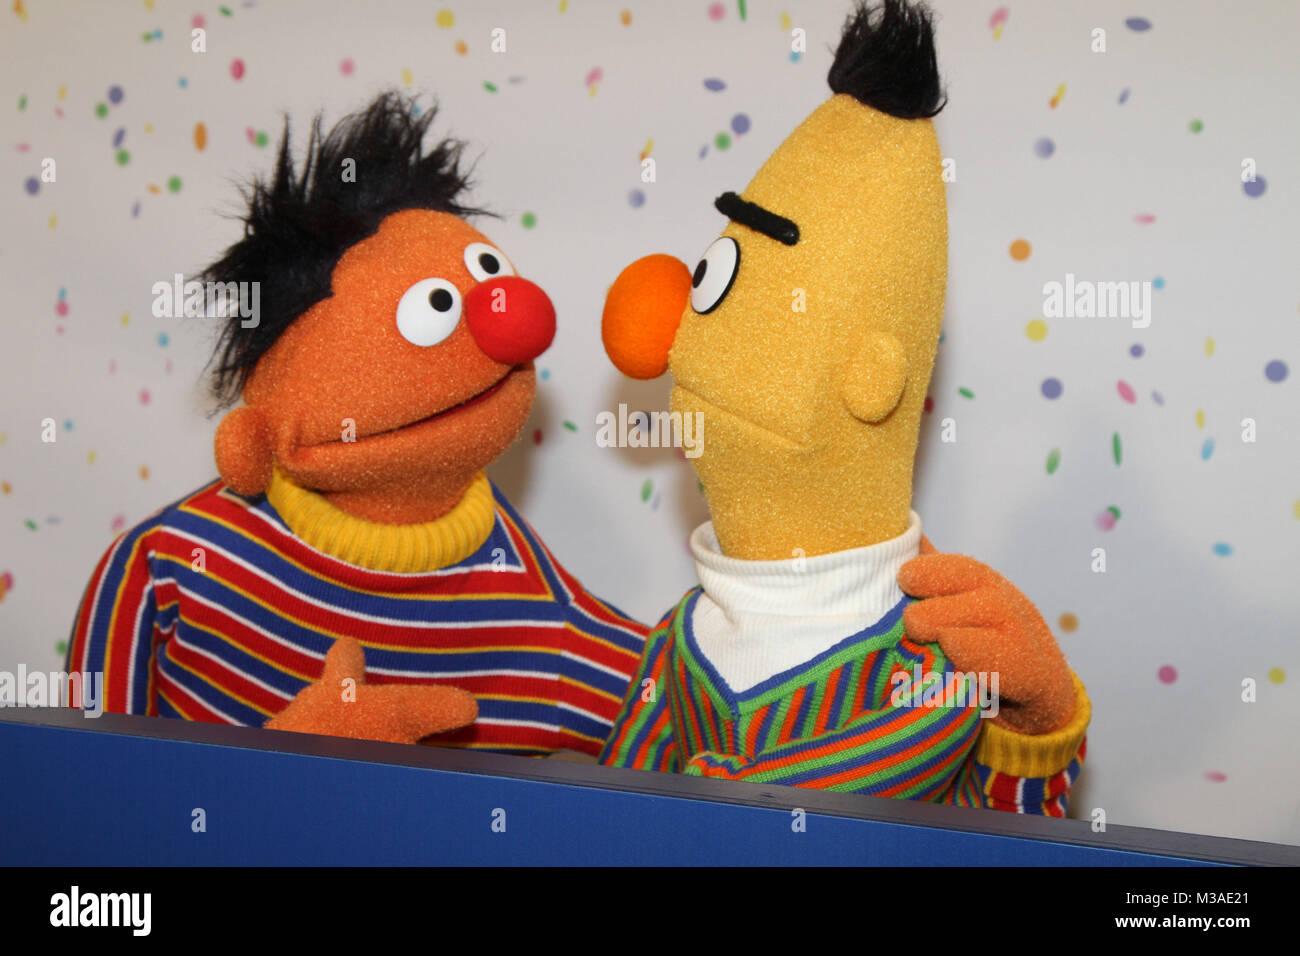 18a466b29c Ernie und Bert aus der Sesamstrasse, 40 Jahre Sesamstrasse Presseevent im  Funkhaus Rothenbaumchaussee mit CEO Melvin Ming, Hamburg, 07.01.2013